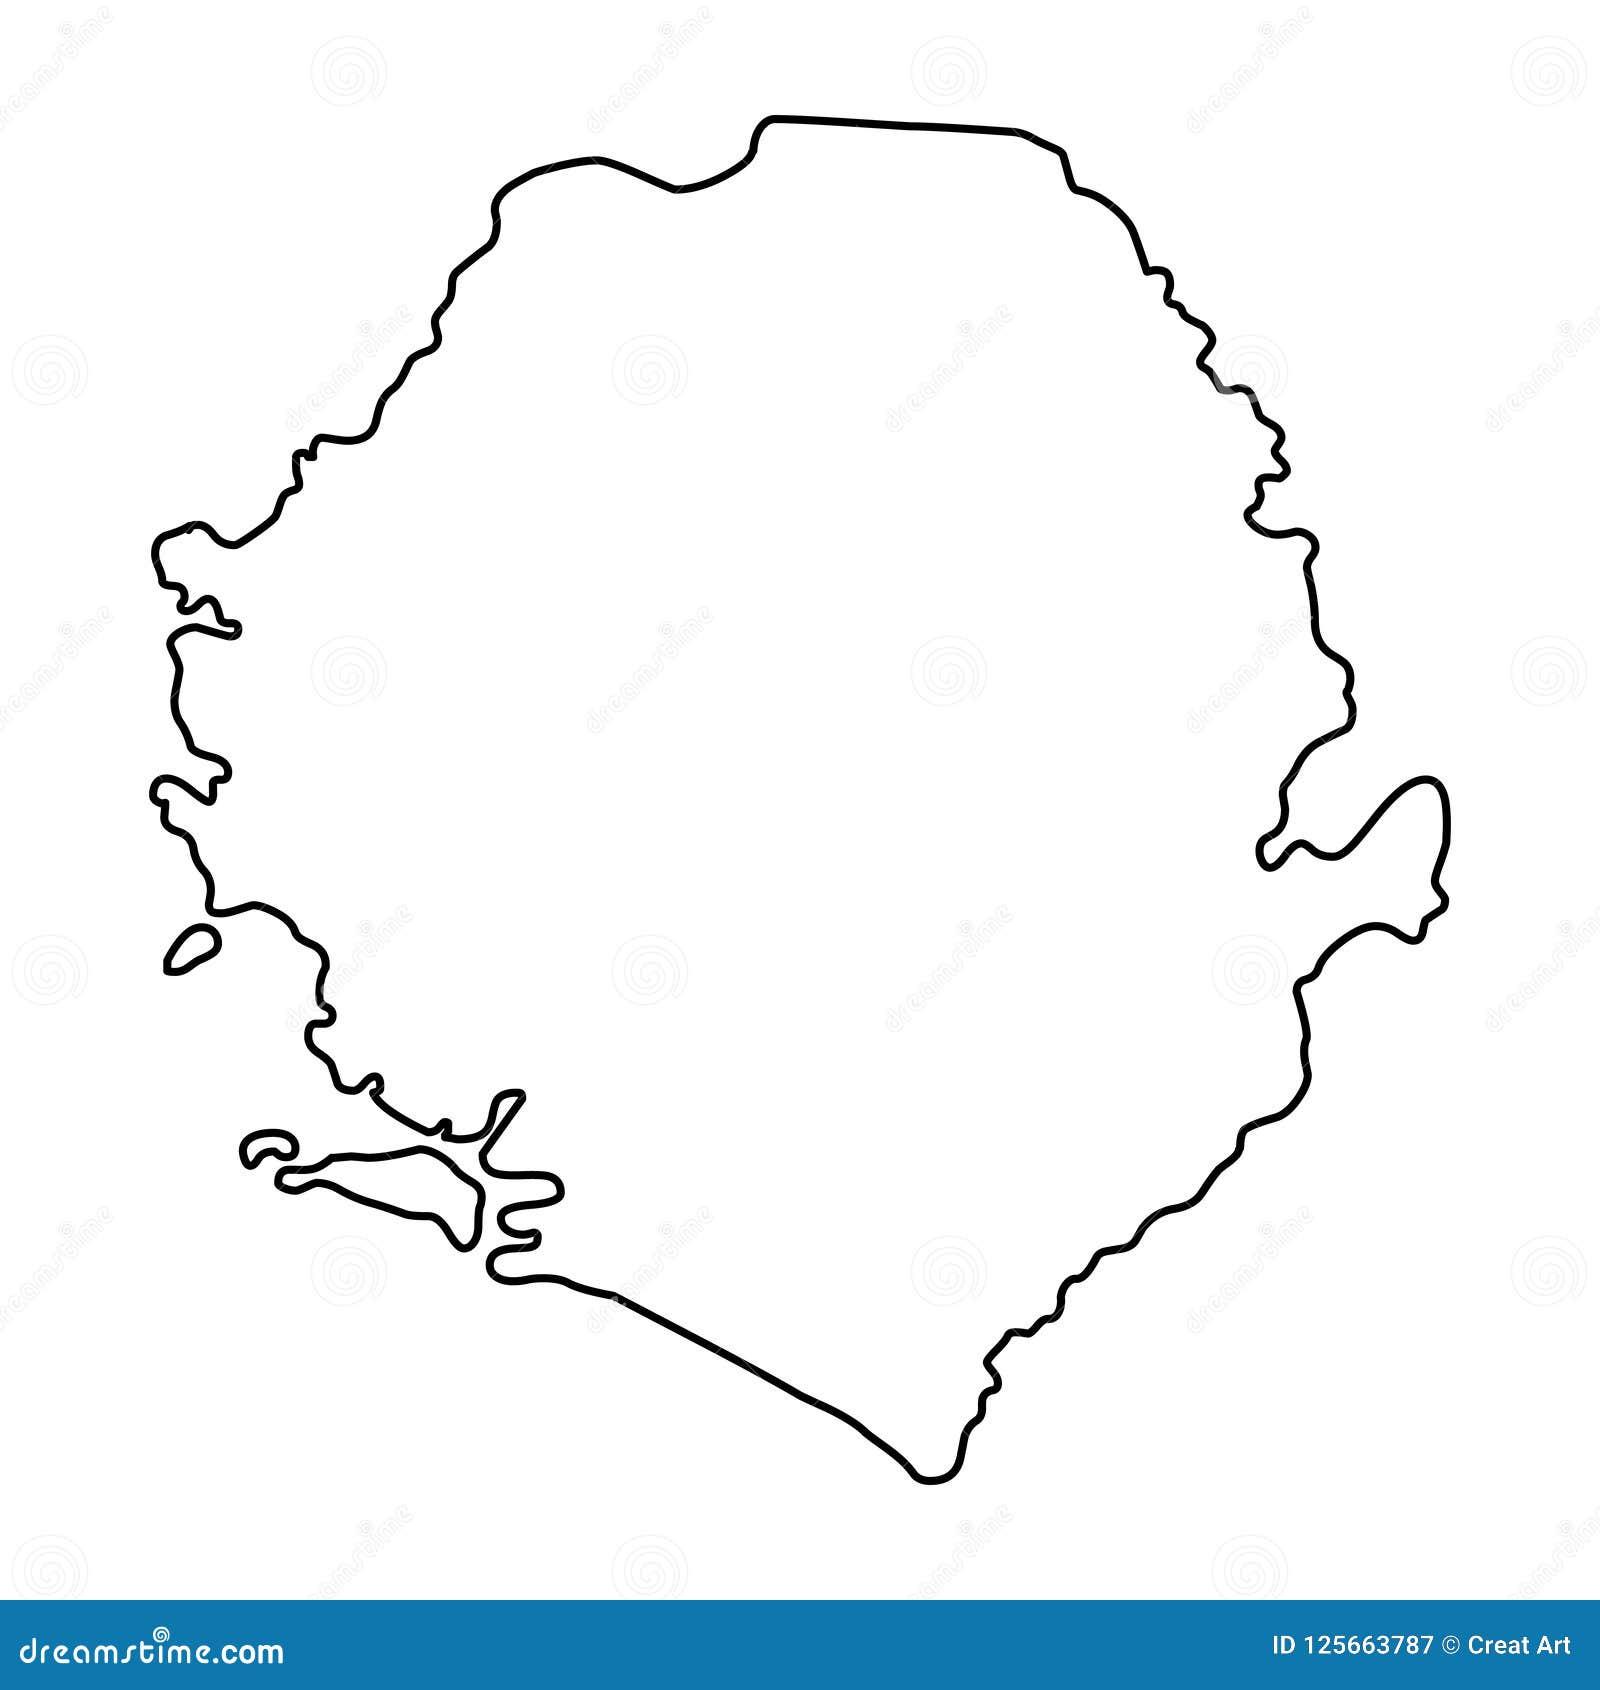 Sierra Leone Map Outline Vector Illustration Stock Vector ...